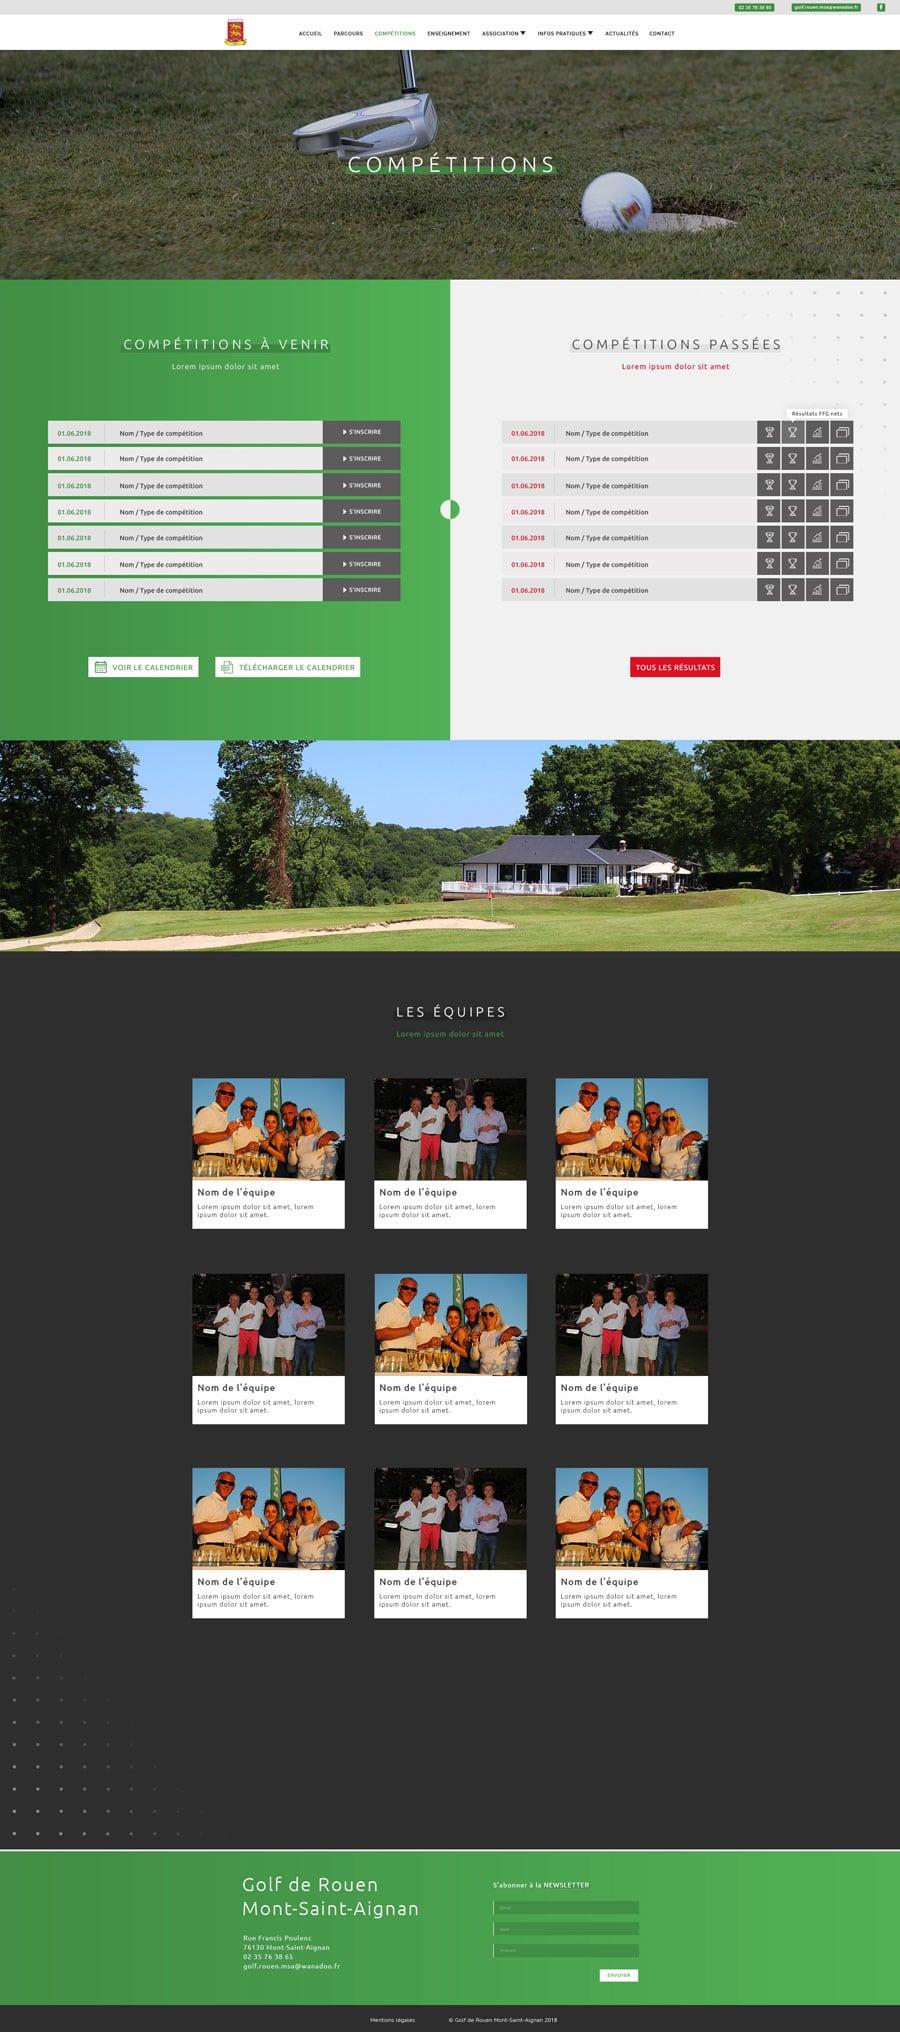 page compétitions golf cyprien delapierre